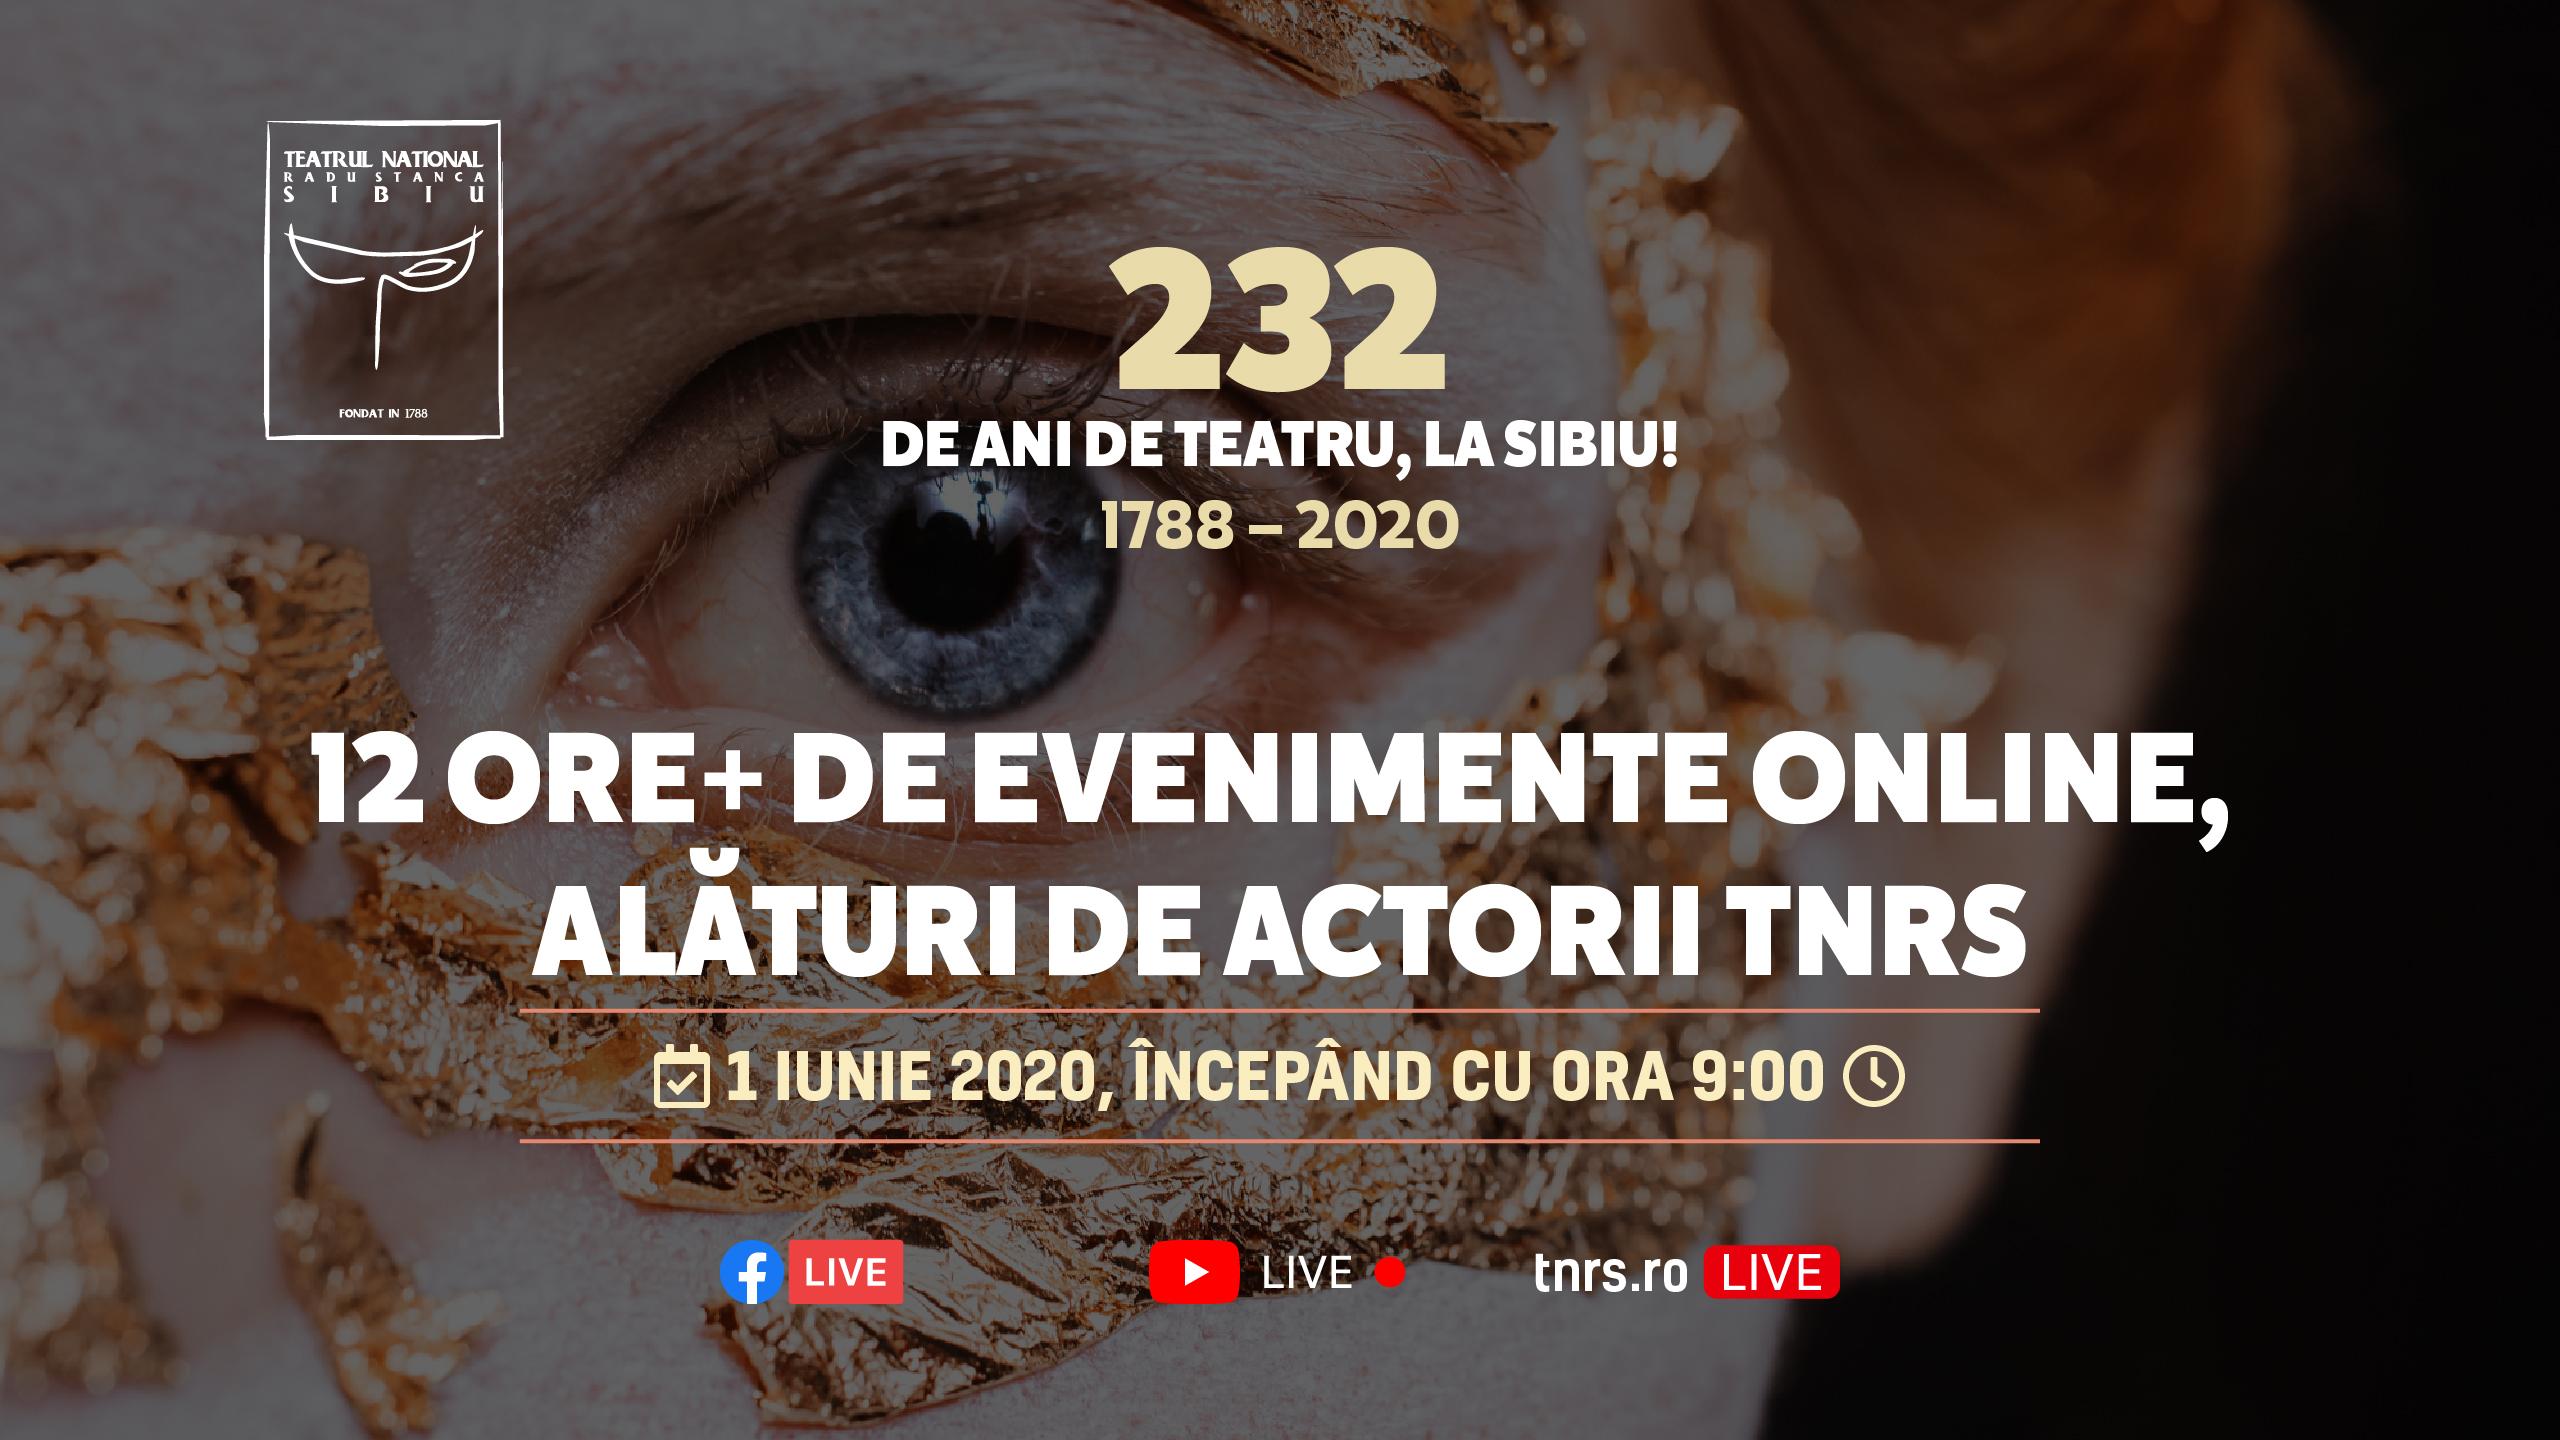 La mulți ani, TNRS! 232 de ani de teatru, la Sibiu!